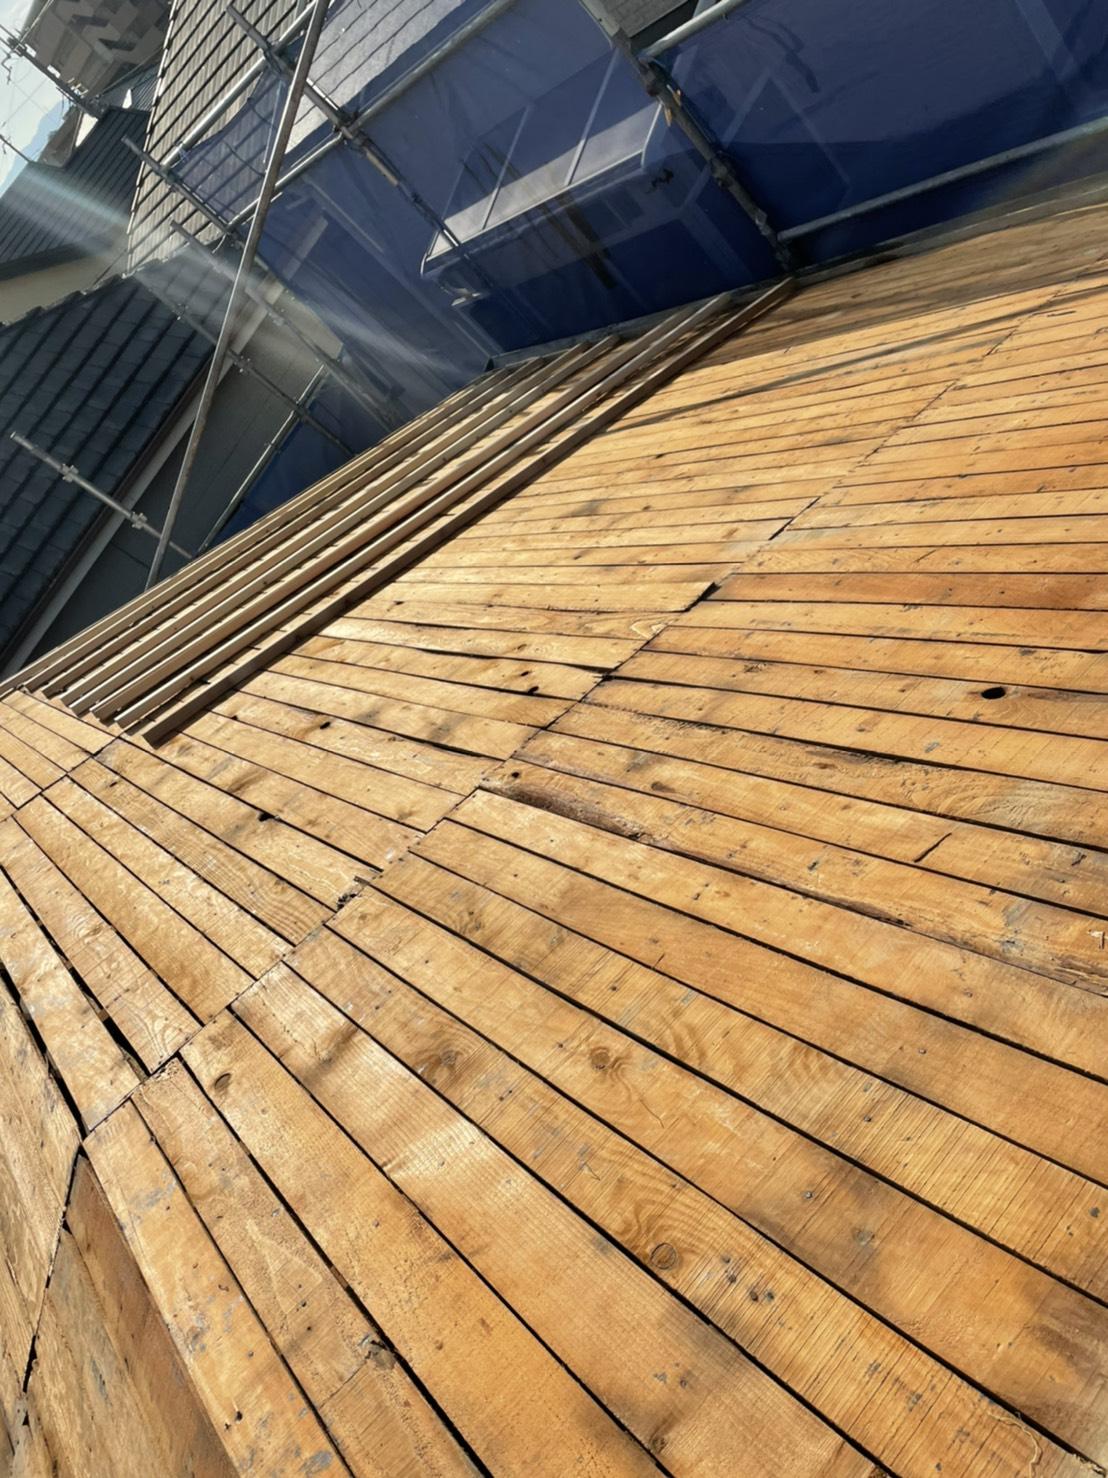 神戸市垂水区での屋根下地工事での既存の屋根下地の様子